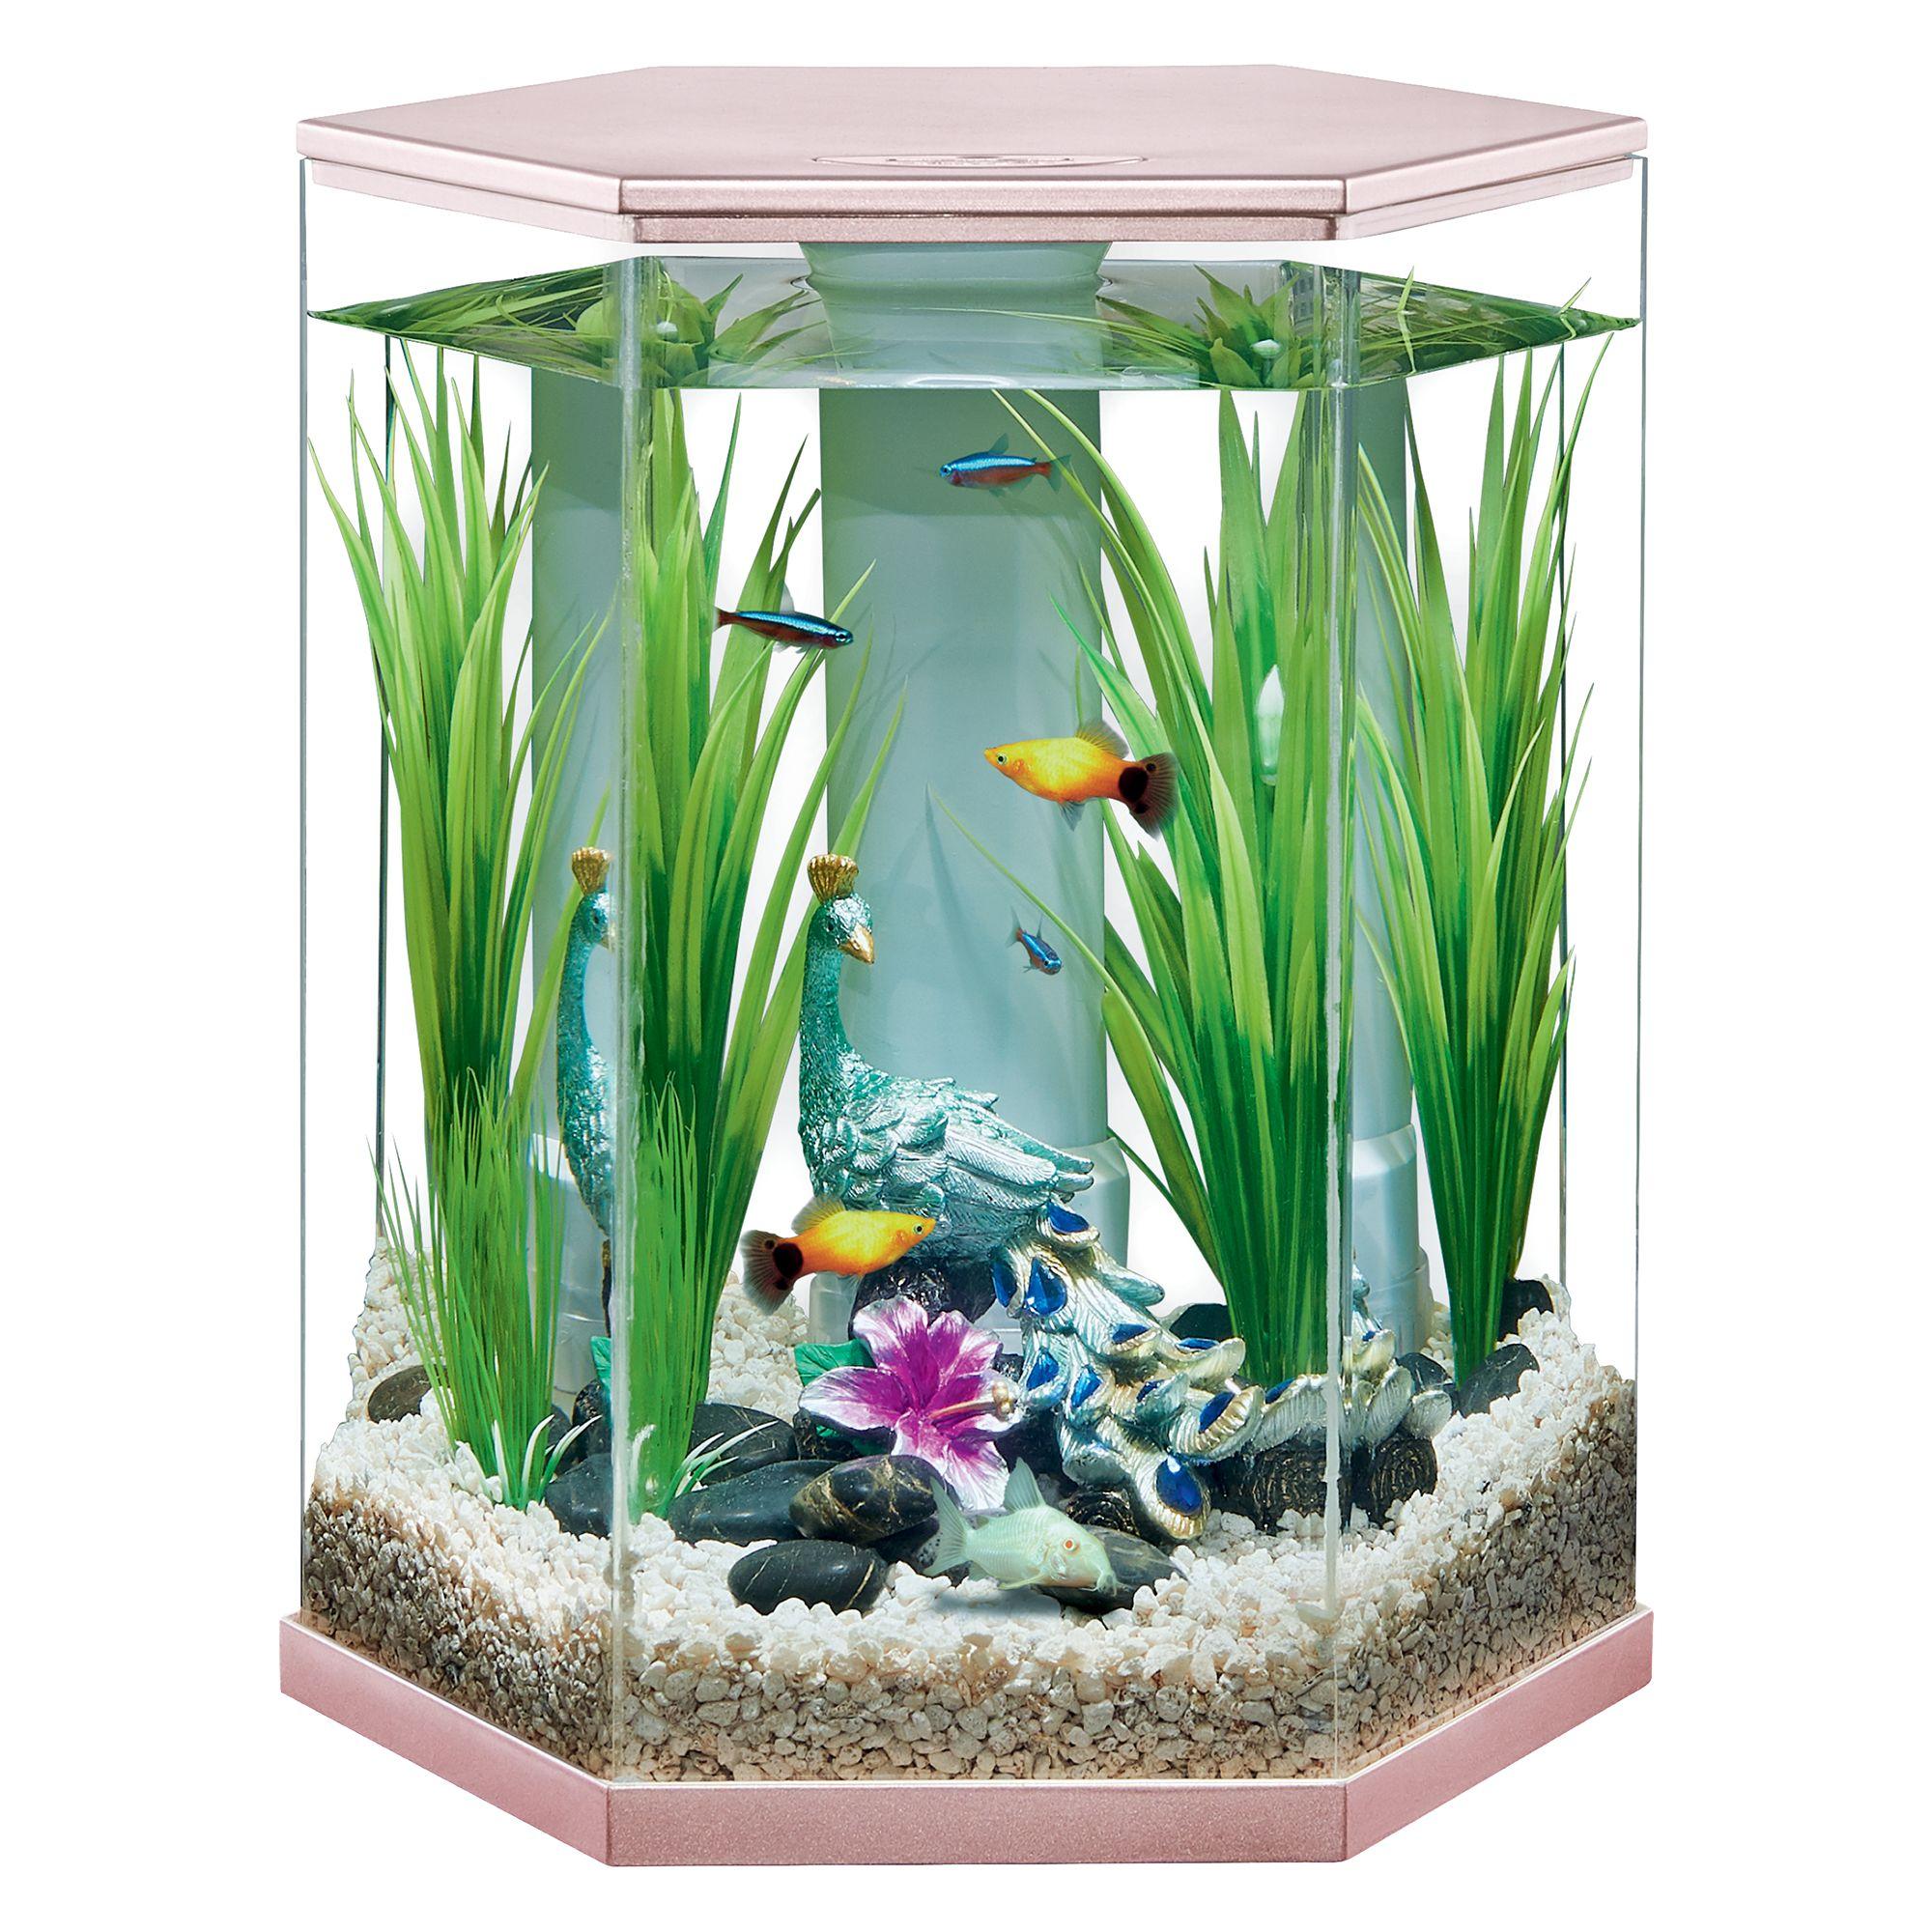 Top Fin Serenity Vivid View 360 Aquarium 3 Gallon Fish Aquariums Petsmart